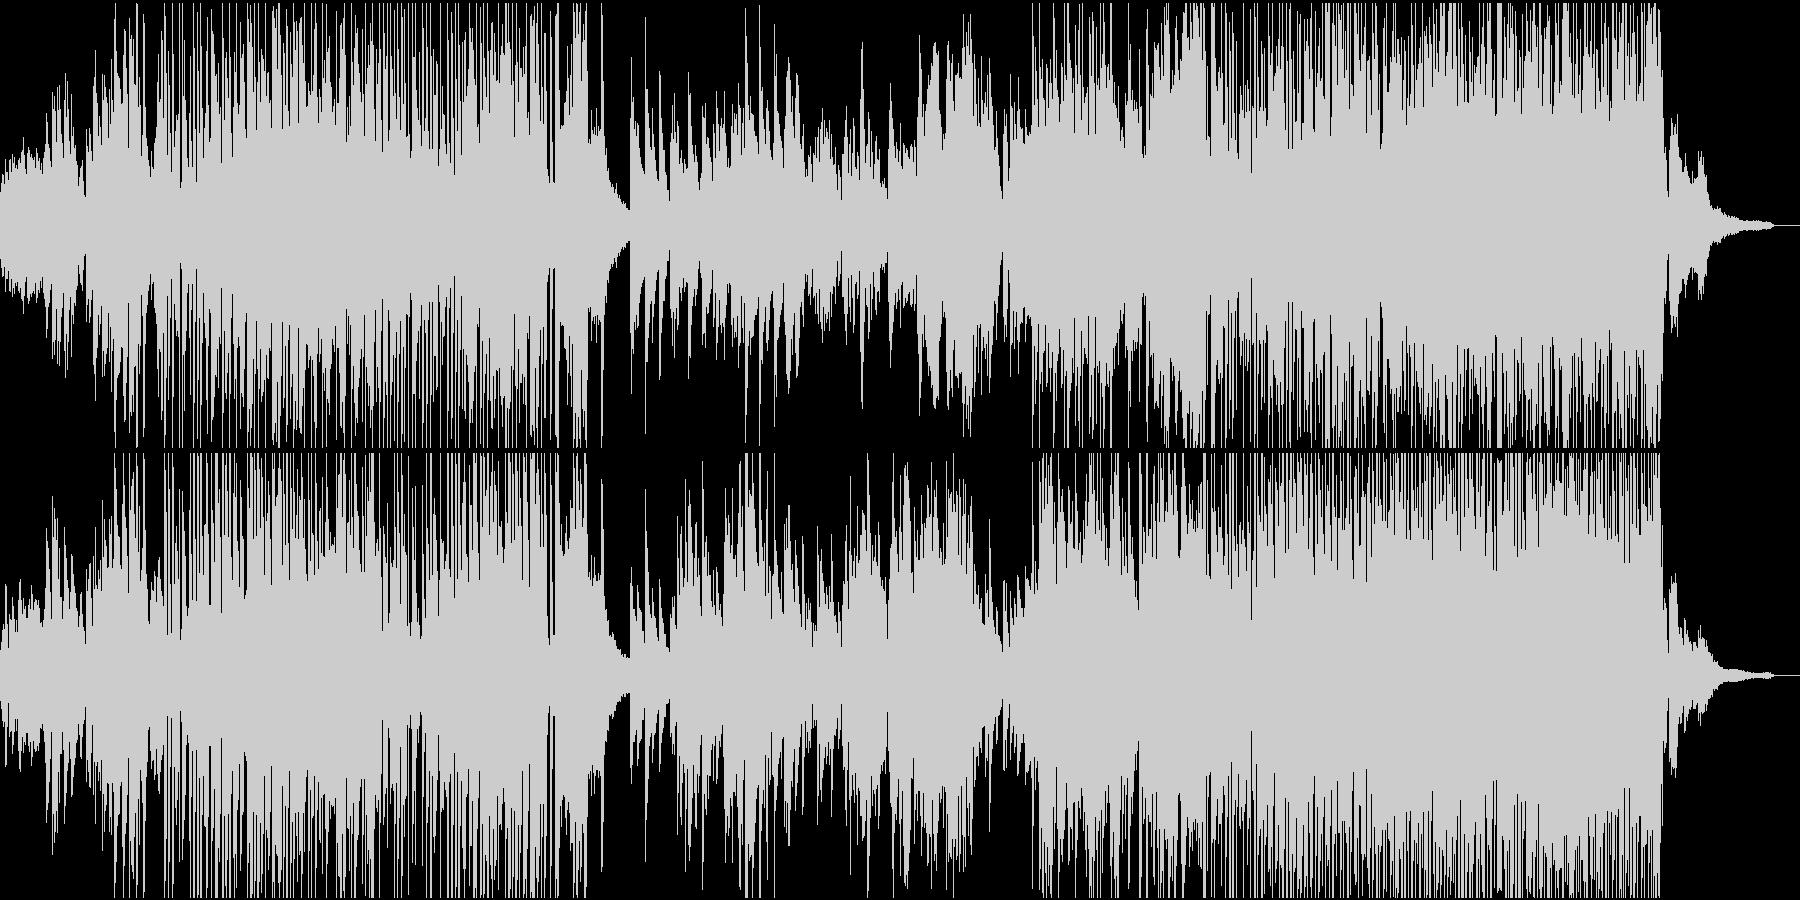 爽やかな和風エレクトロの未再生の波形